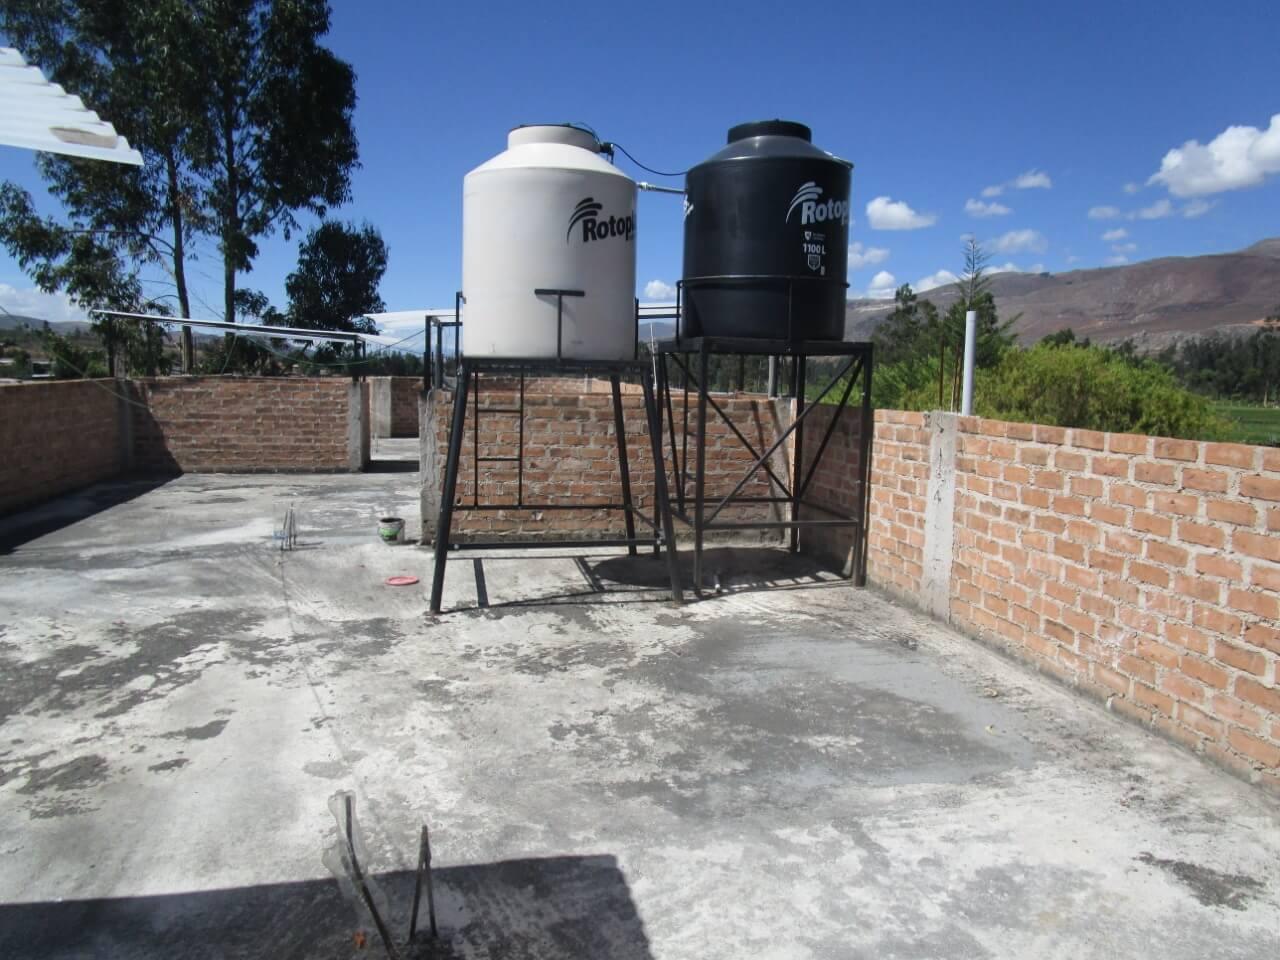 ARQUITECTURA REDISEÑOS DE PROPIEDADES - HURTECO